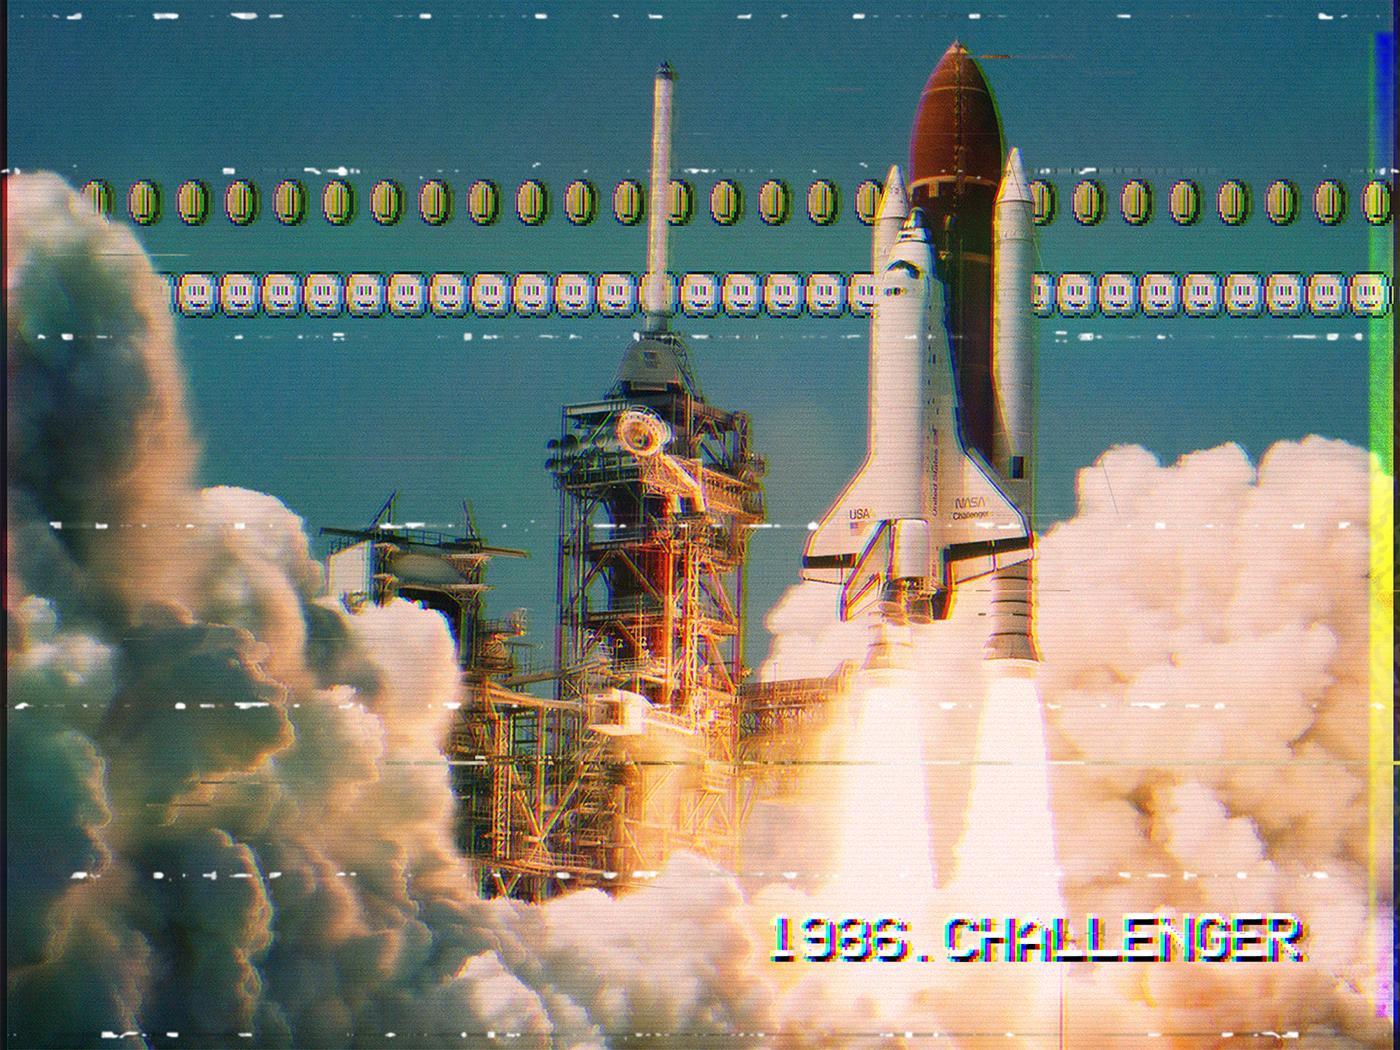 mario bros 30 anos de historia do game04 - MarioBros um game com 30 anos de história